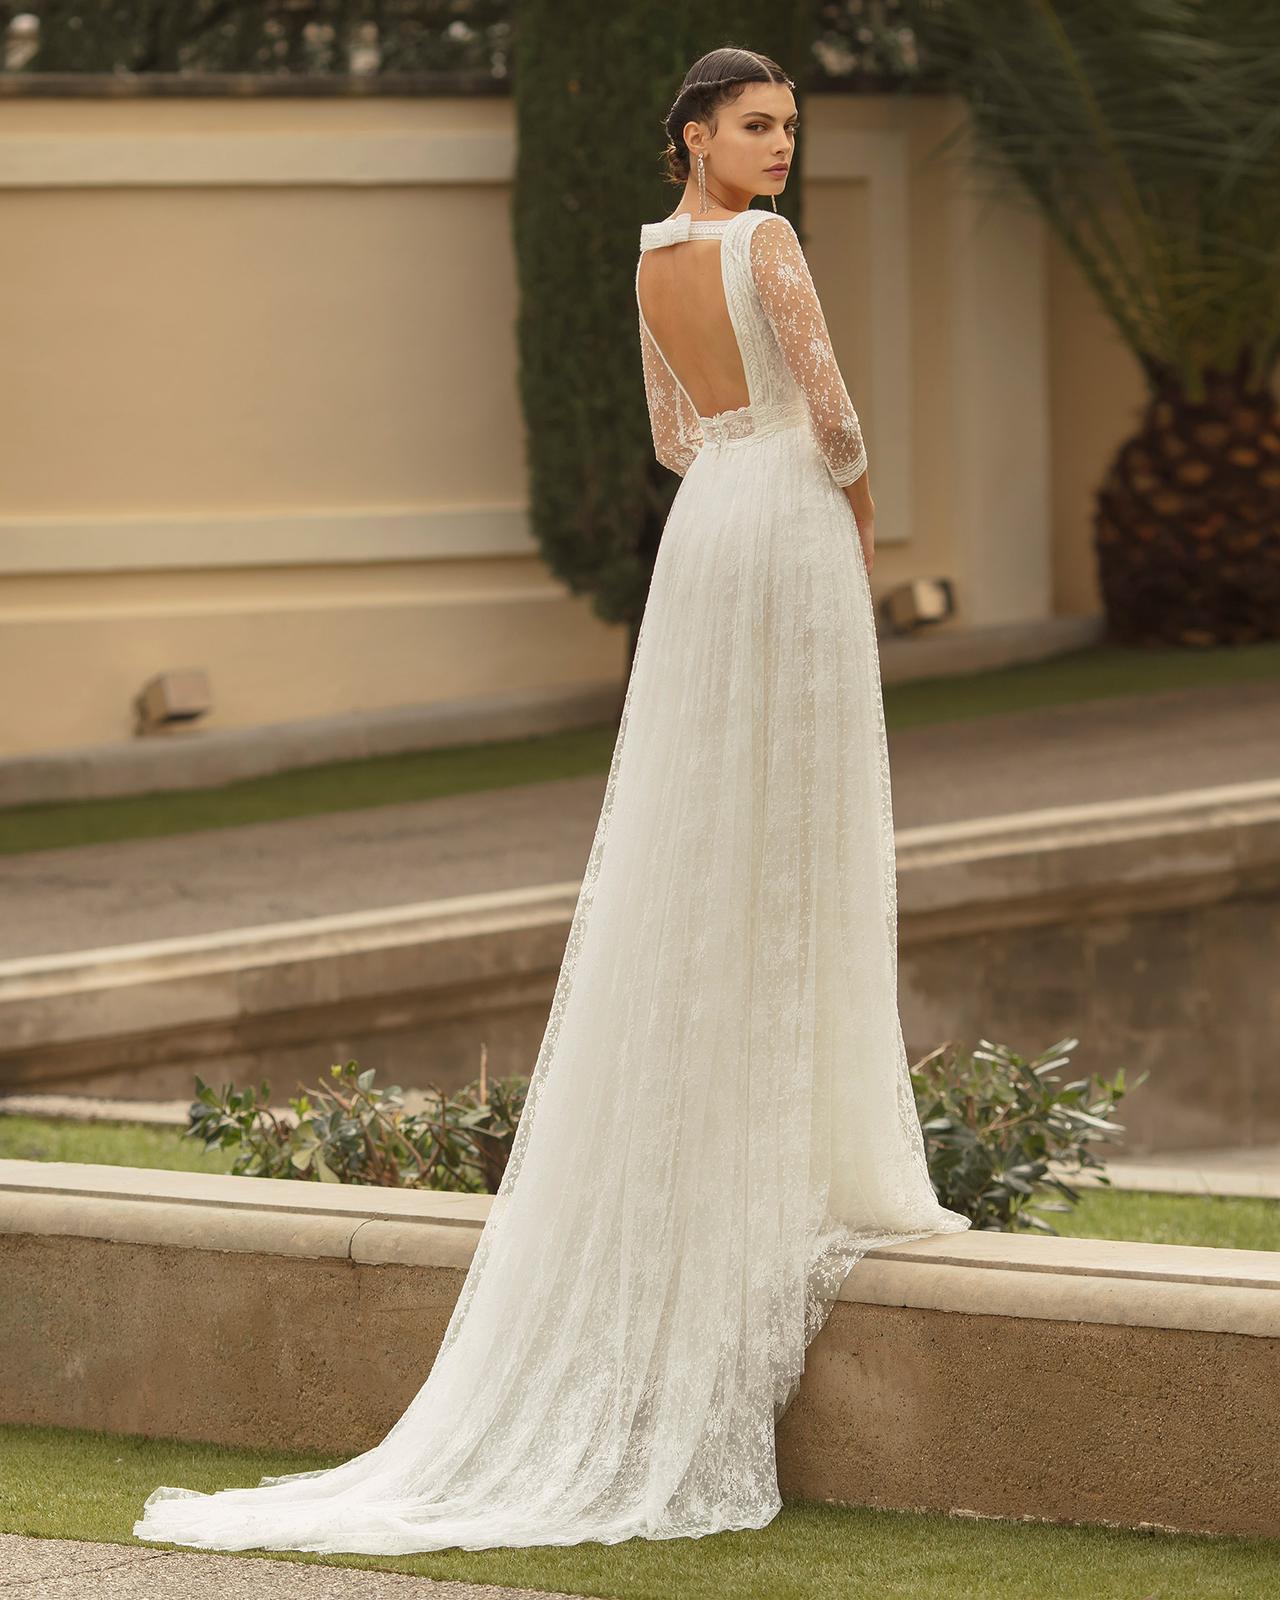 Svadobné šaty z kolekcií na rok 2020 - Obrázok č. 60